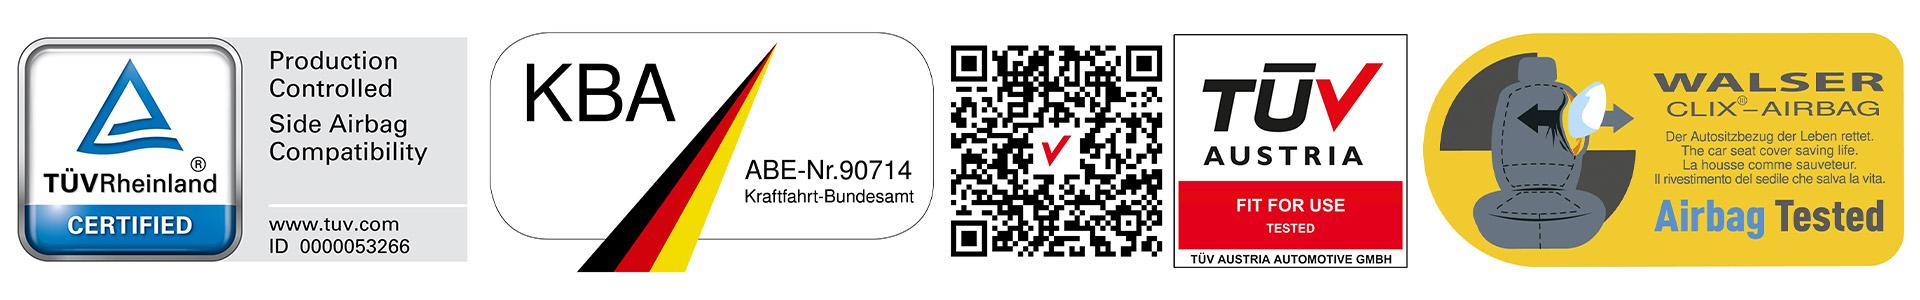 Walser GmbH Assortimento del marchio di prova Excerpt